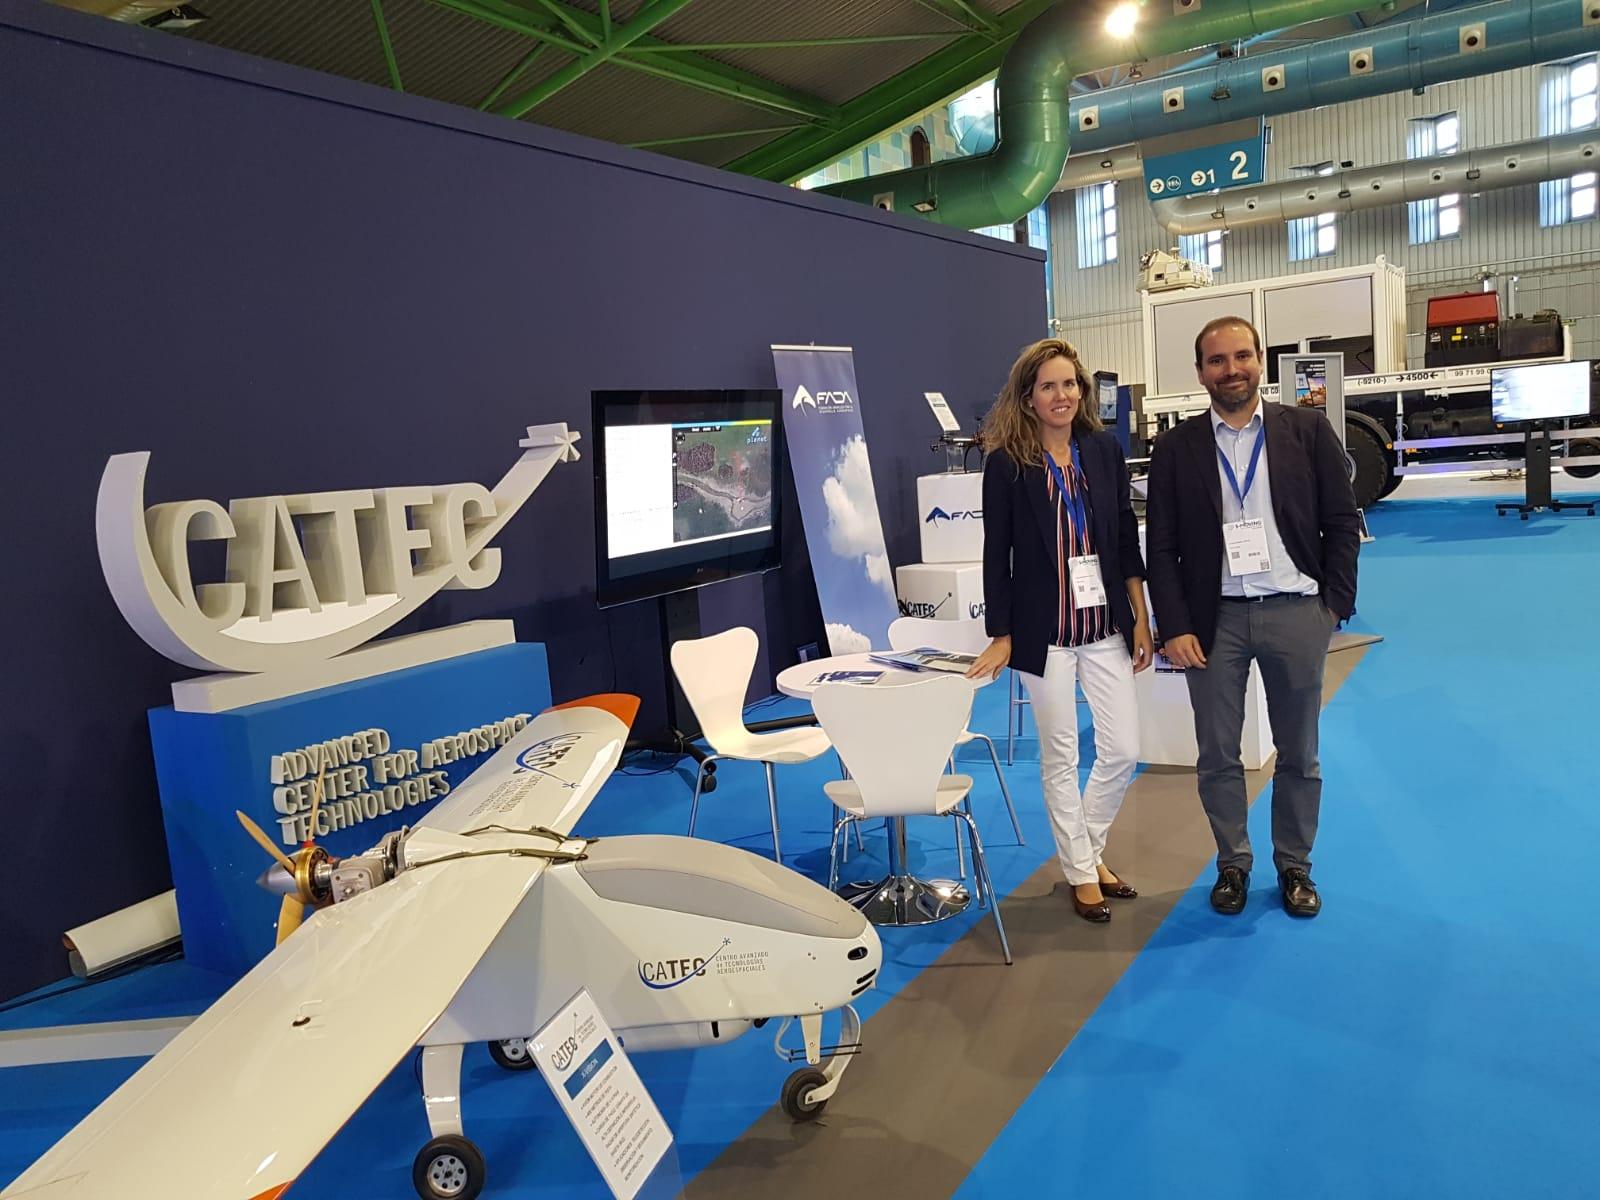 Nuestro Centro participa en diferentes foros y encuentros de referencia con expertos nacionales e internacionales del sector aeroespacial